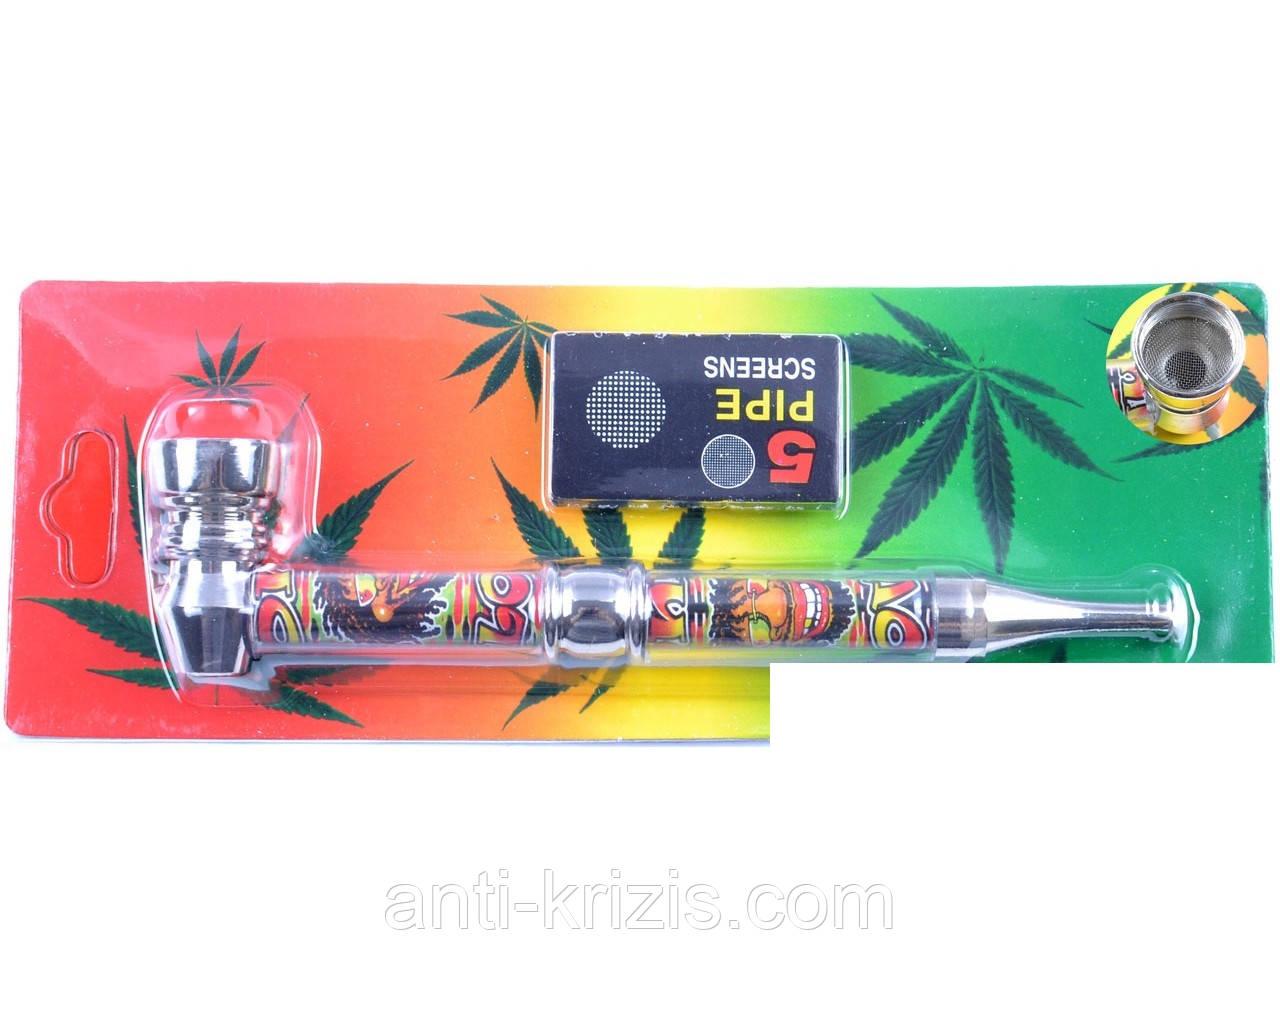 Курительная трубка №4021-1+запасные сетки,высший сорт